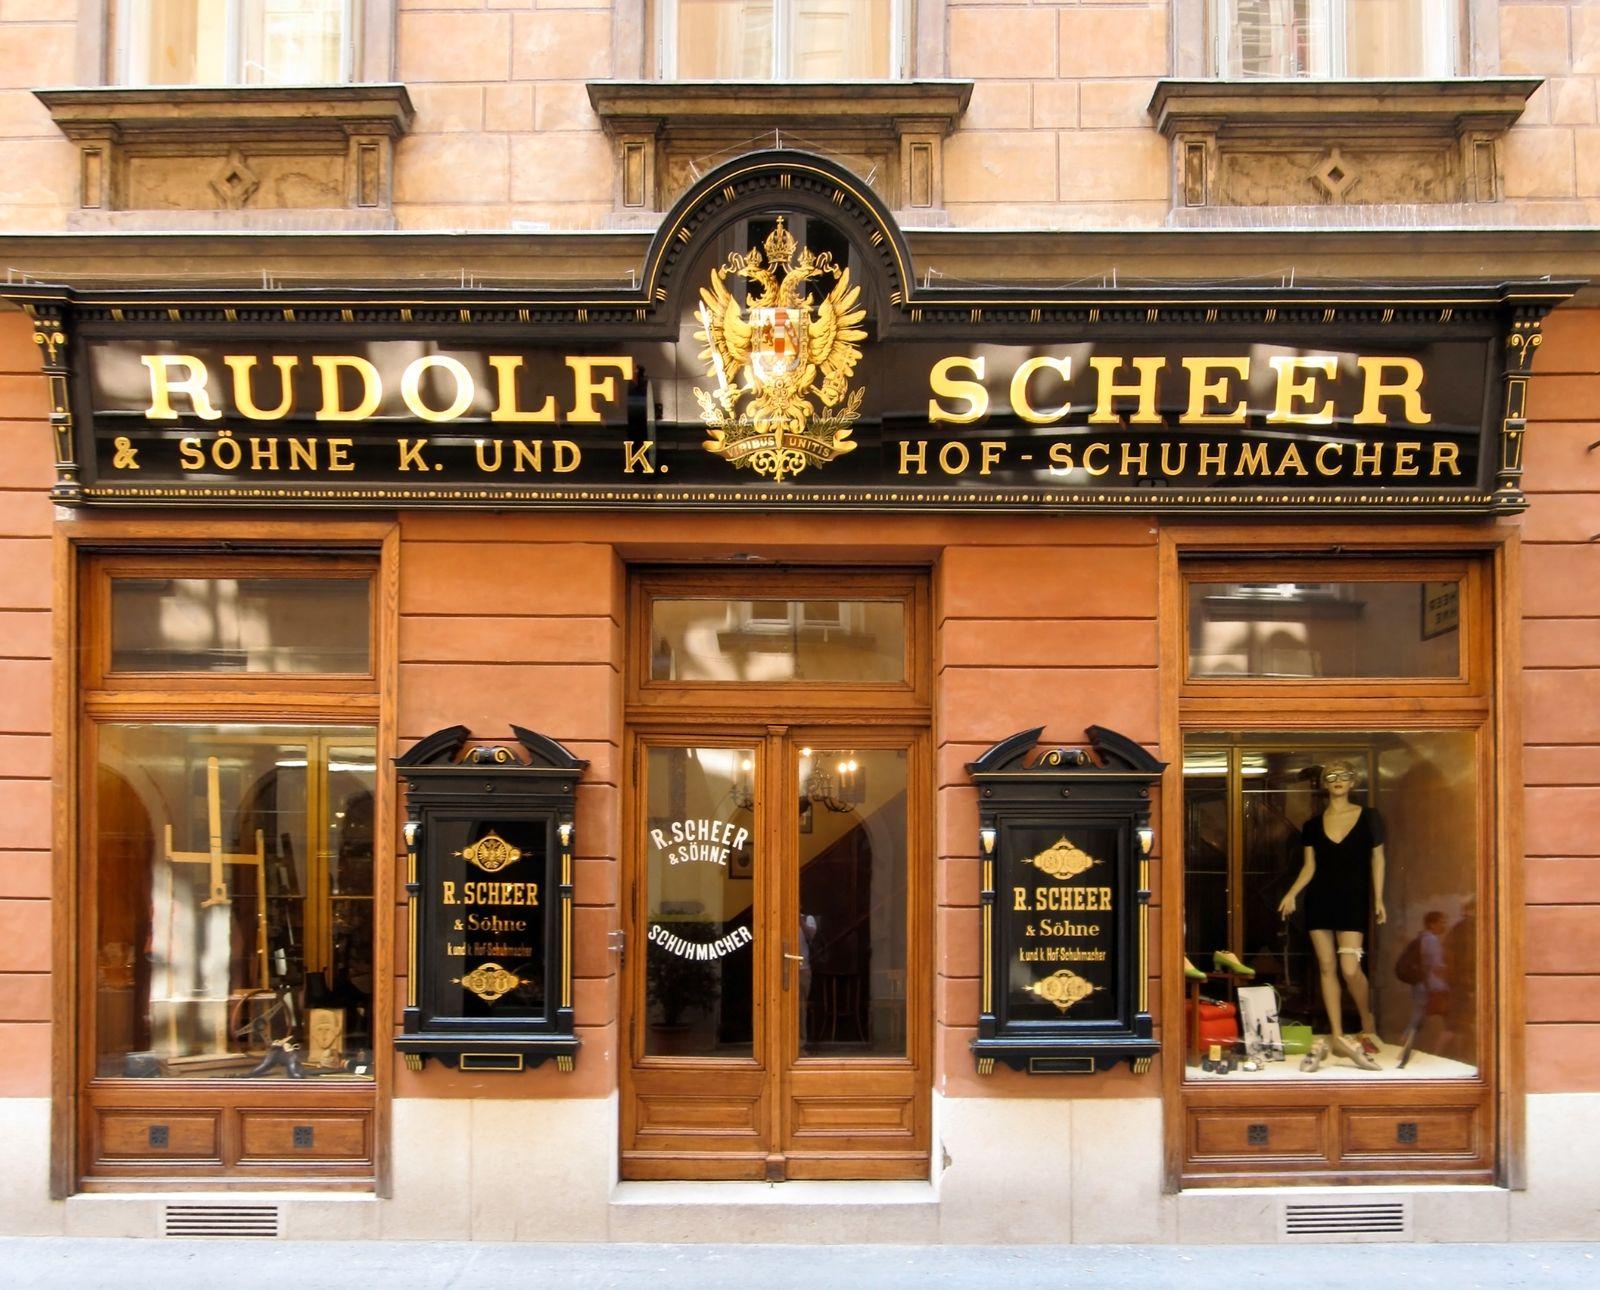 Rudolf Scheer & Söhne